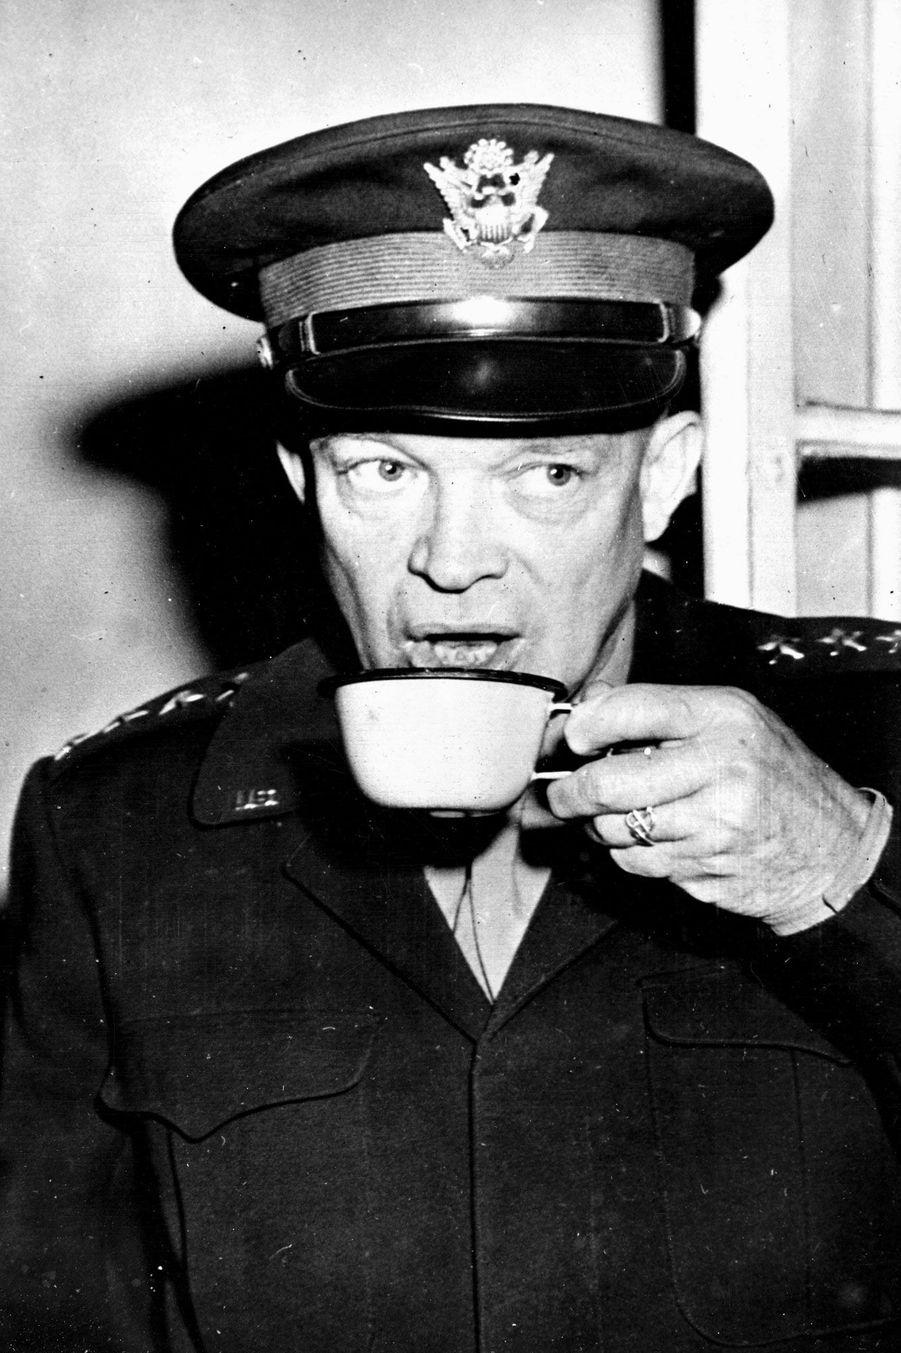 DwightEisenhower le 26 août 1944 à Paris.